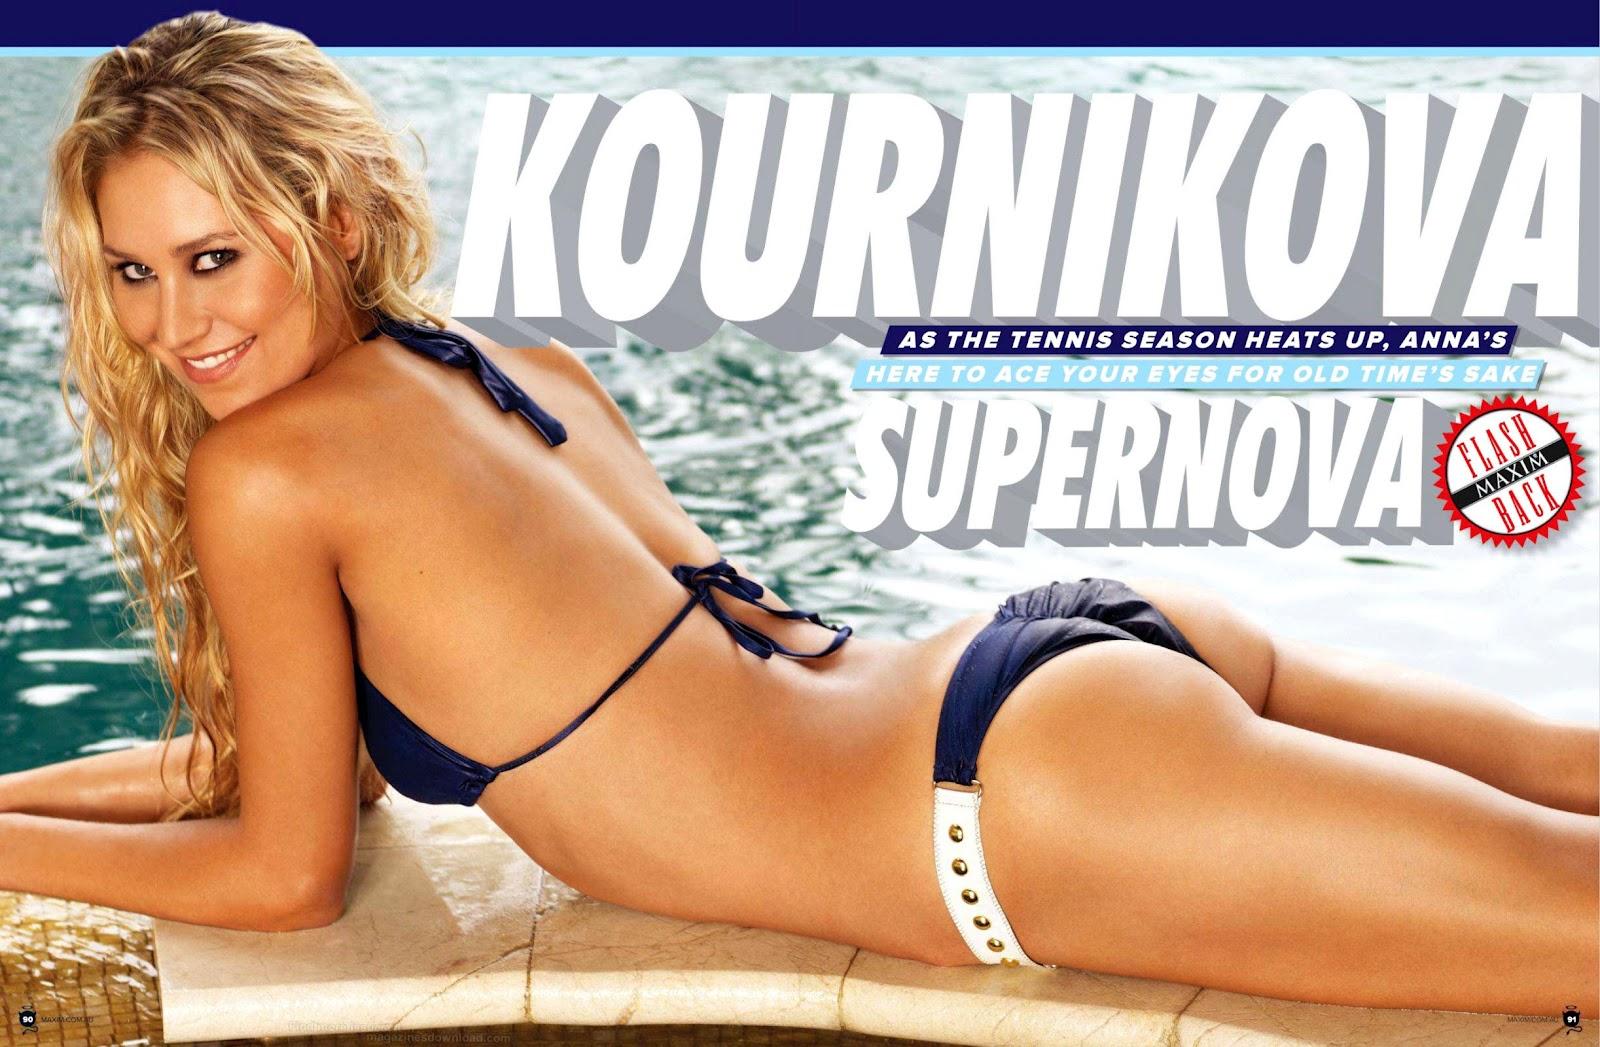 http://2.bp.blogspot.com/-DHd0JAiT8nY/UD4t_Orb_TI/AAAAAAAAcCY/1s89LliQ6jQ/s1600/Anna+Kournikova+in+Bikini+-+Maxim+Australia+September+2012+1.jpg